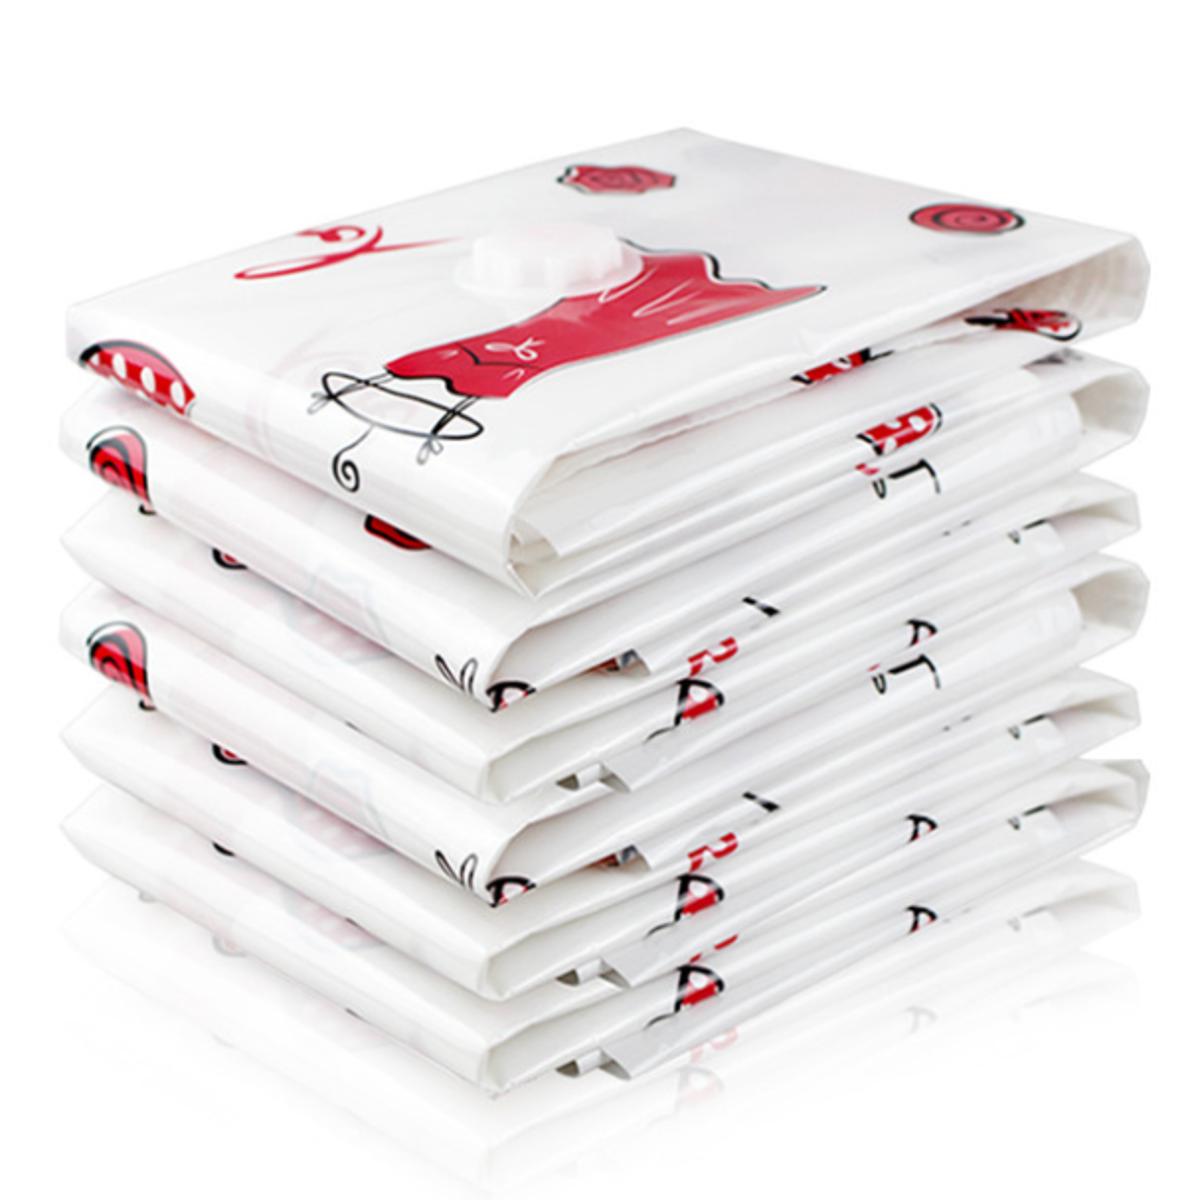 Вакуумное сжатие Сумка Одежда Одеяло Пылезащитный Отделка Пуховик Одежда Насосной Хранения Упаковка Сумки